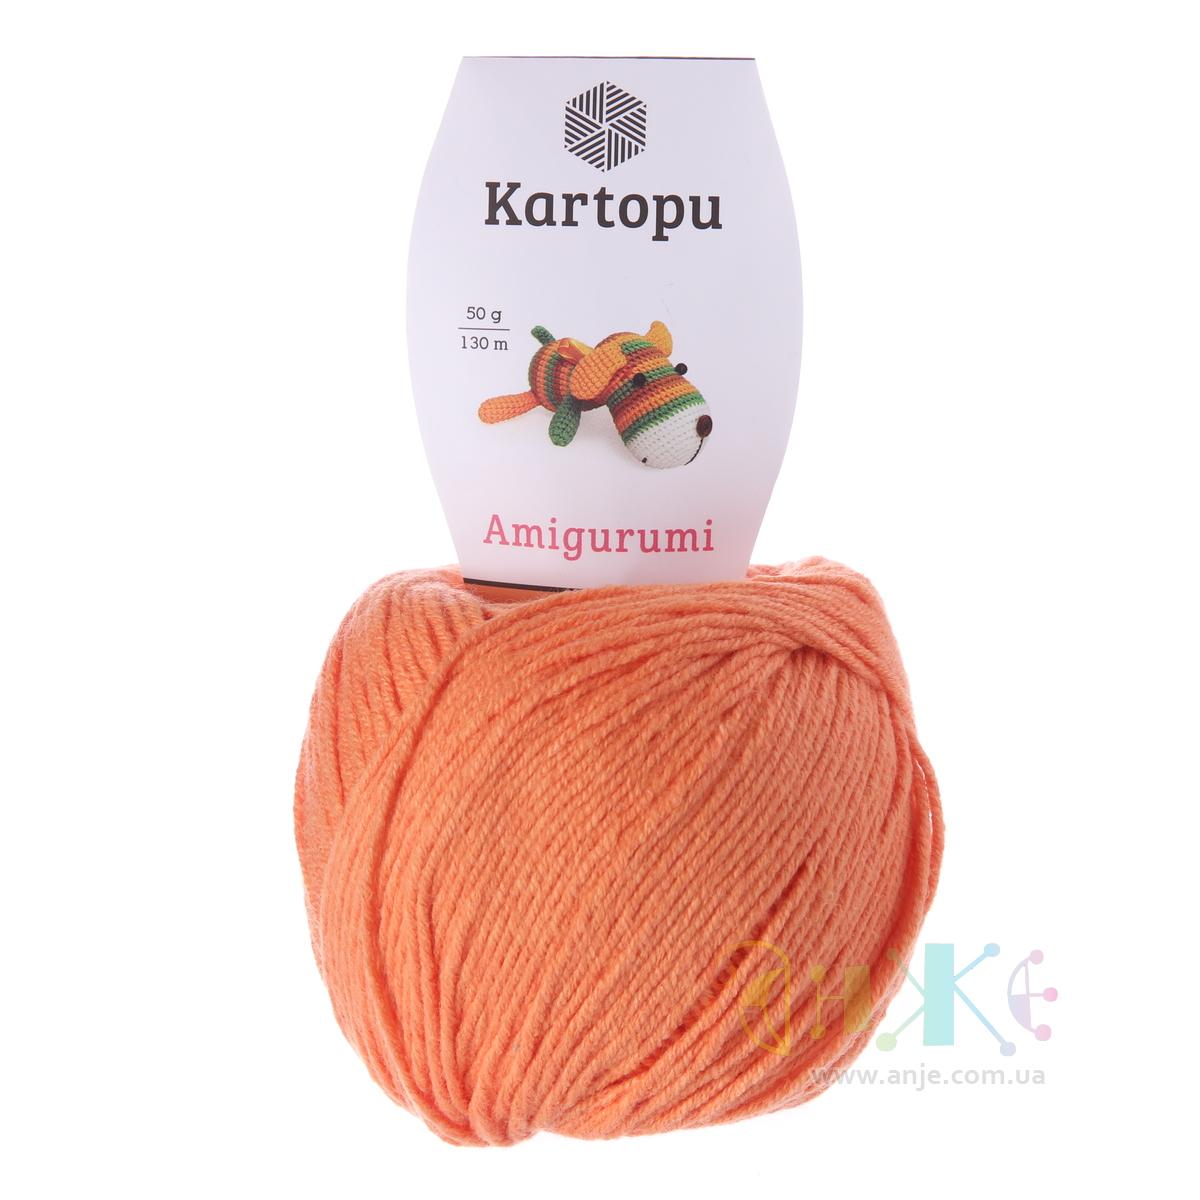 Купить пряжу Kartopu Amigurumi - вся палитра цветов, отзывы, фото ... | 1200x1200